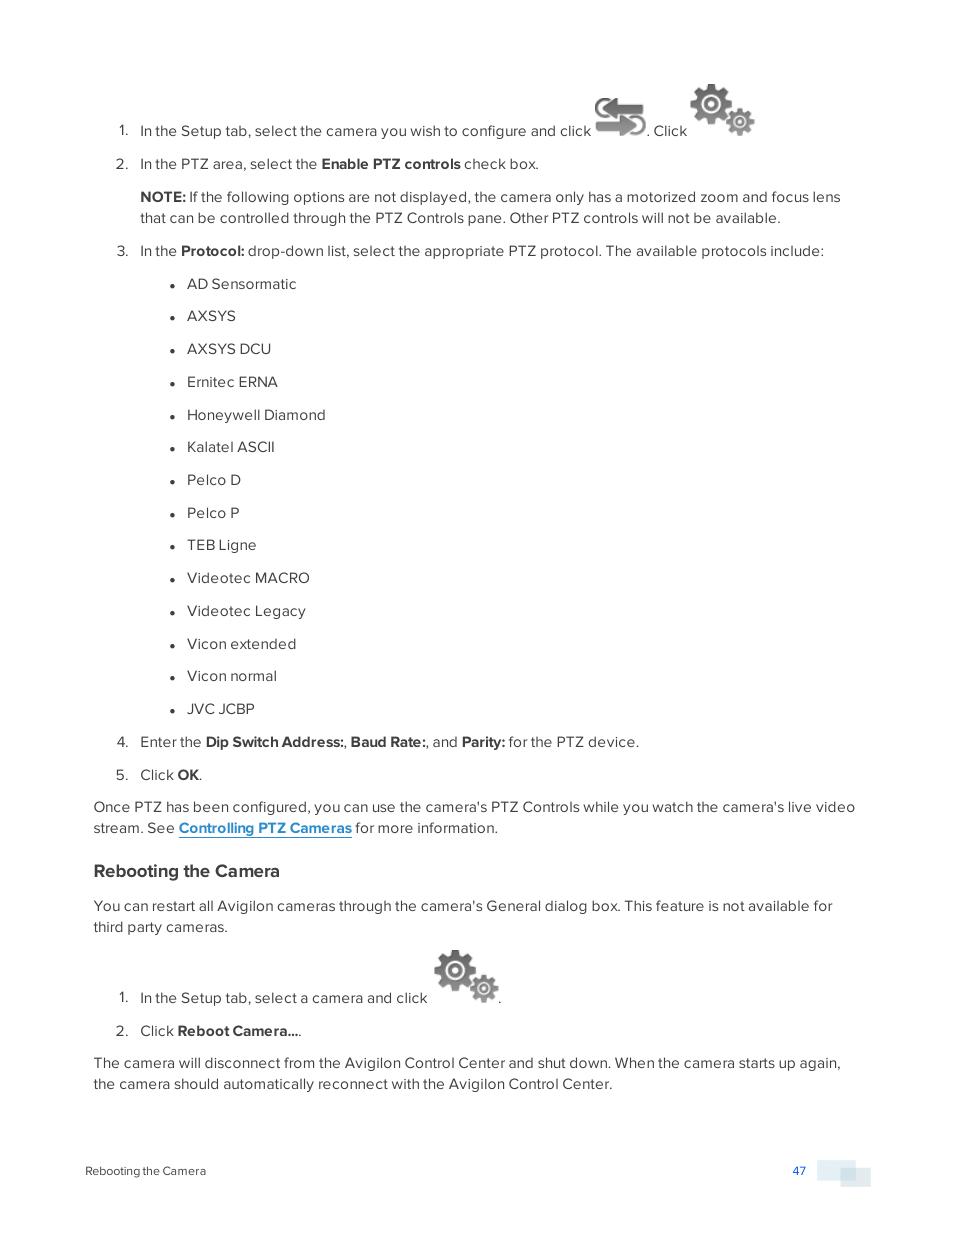 Rebooting the camera | Avigilon ACC Core Version 5 2 2 User